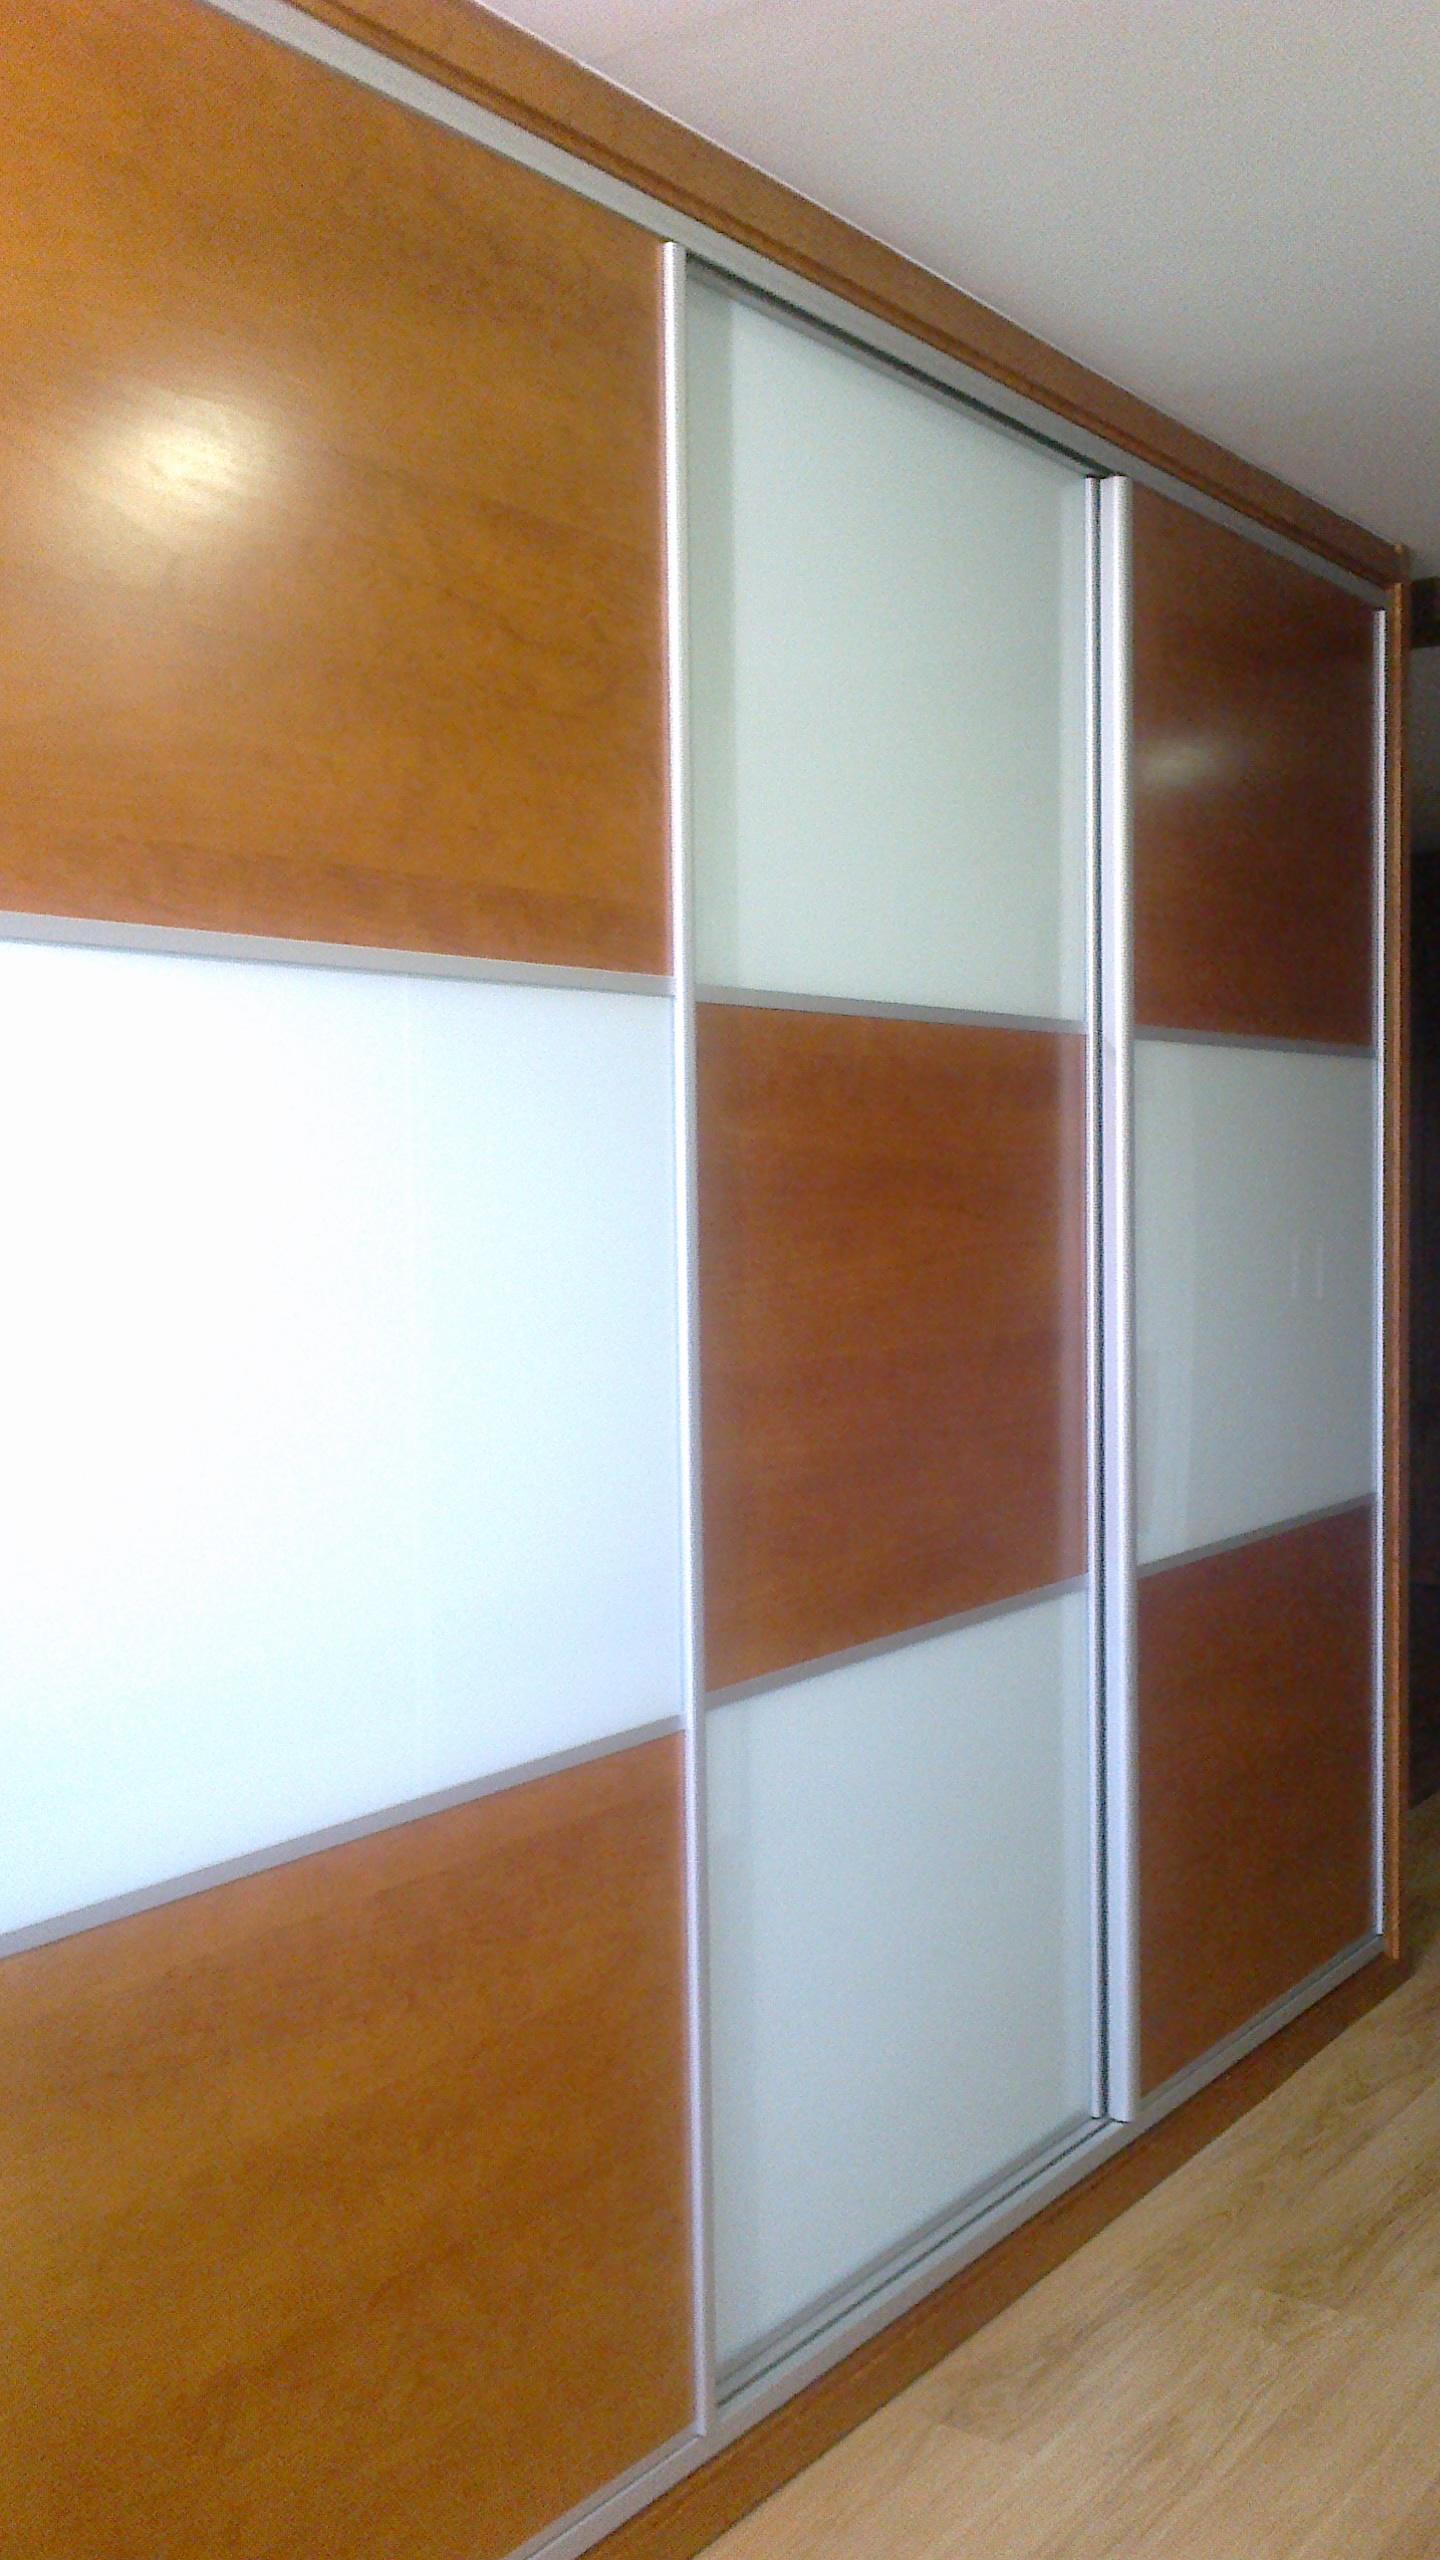 Armarios empotrados reformas y decoraci n de interiores - Armarios de madera con puertas correderas ...